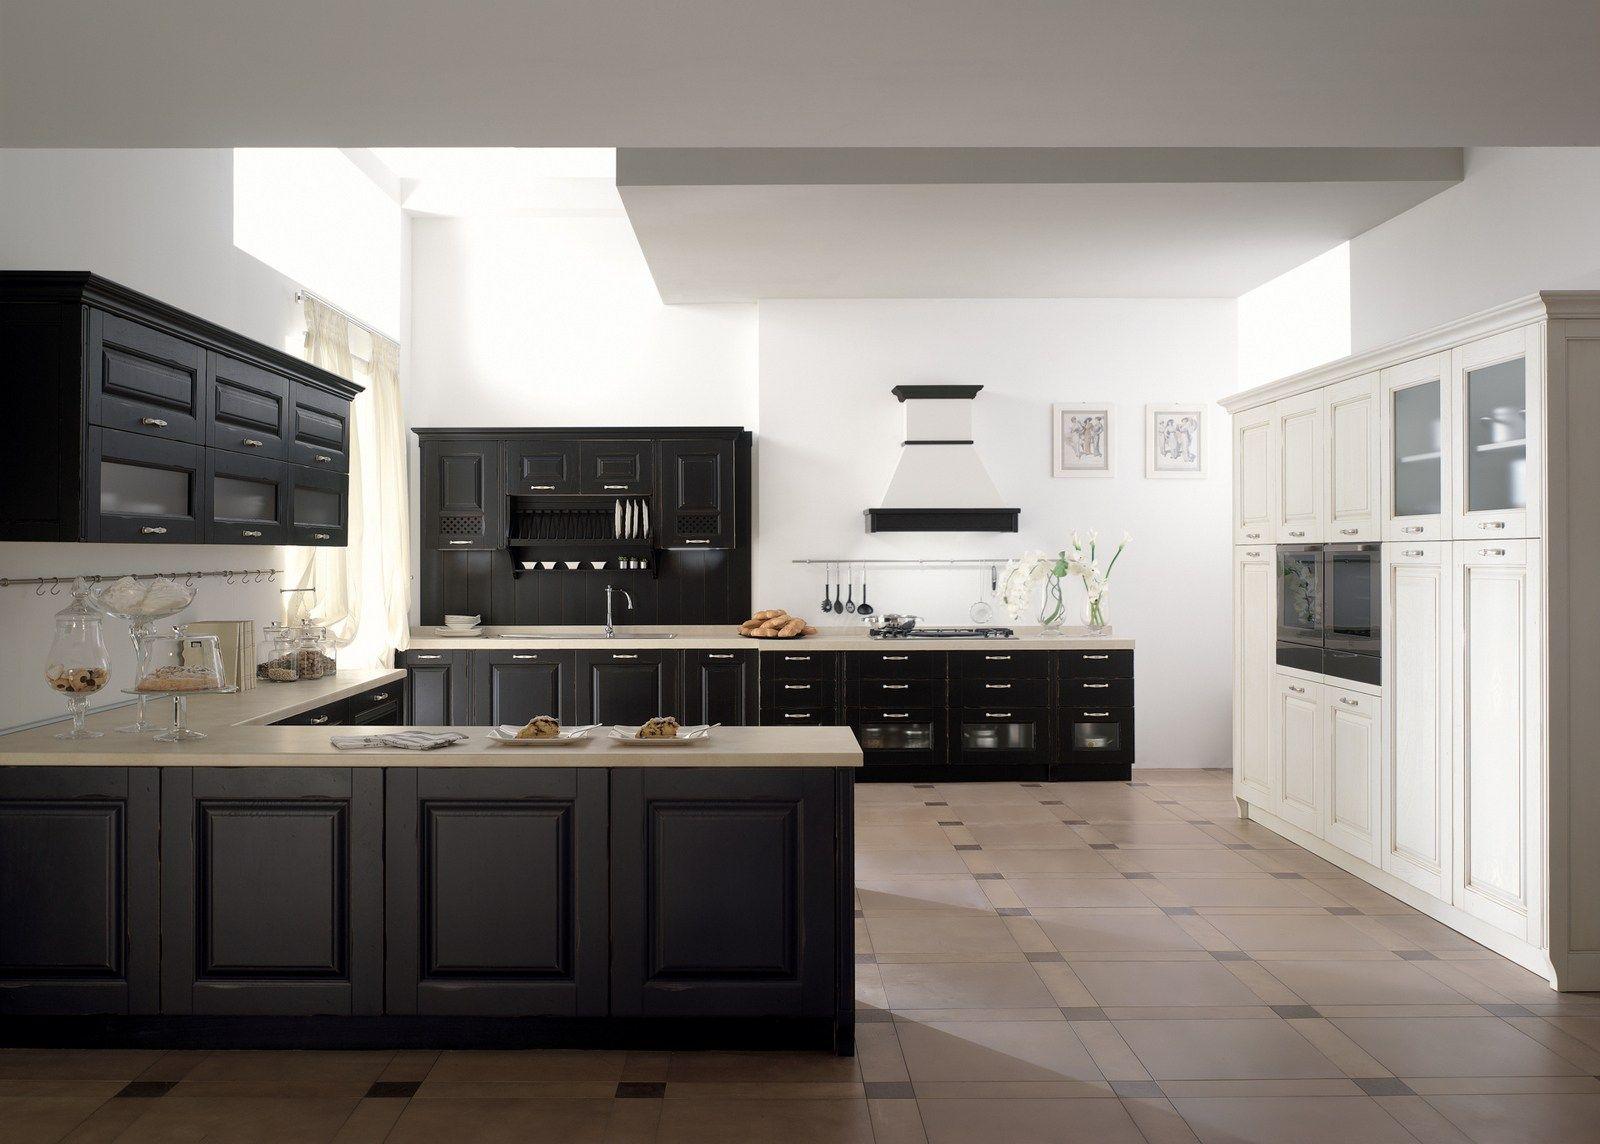 Cucina componibile in frassino con penisola carmen cucina con penisola collezione carmen by - Mondo convenienza perugia cucine ...